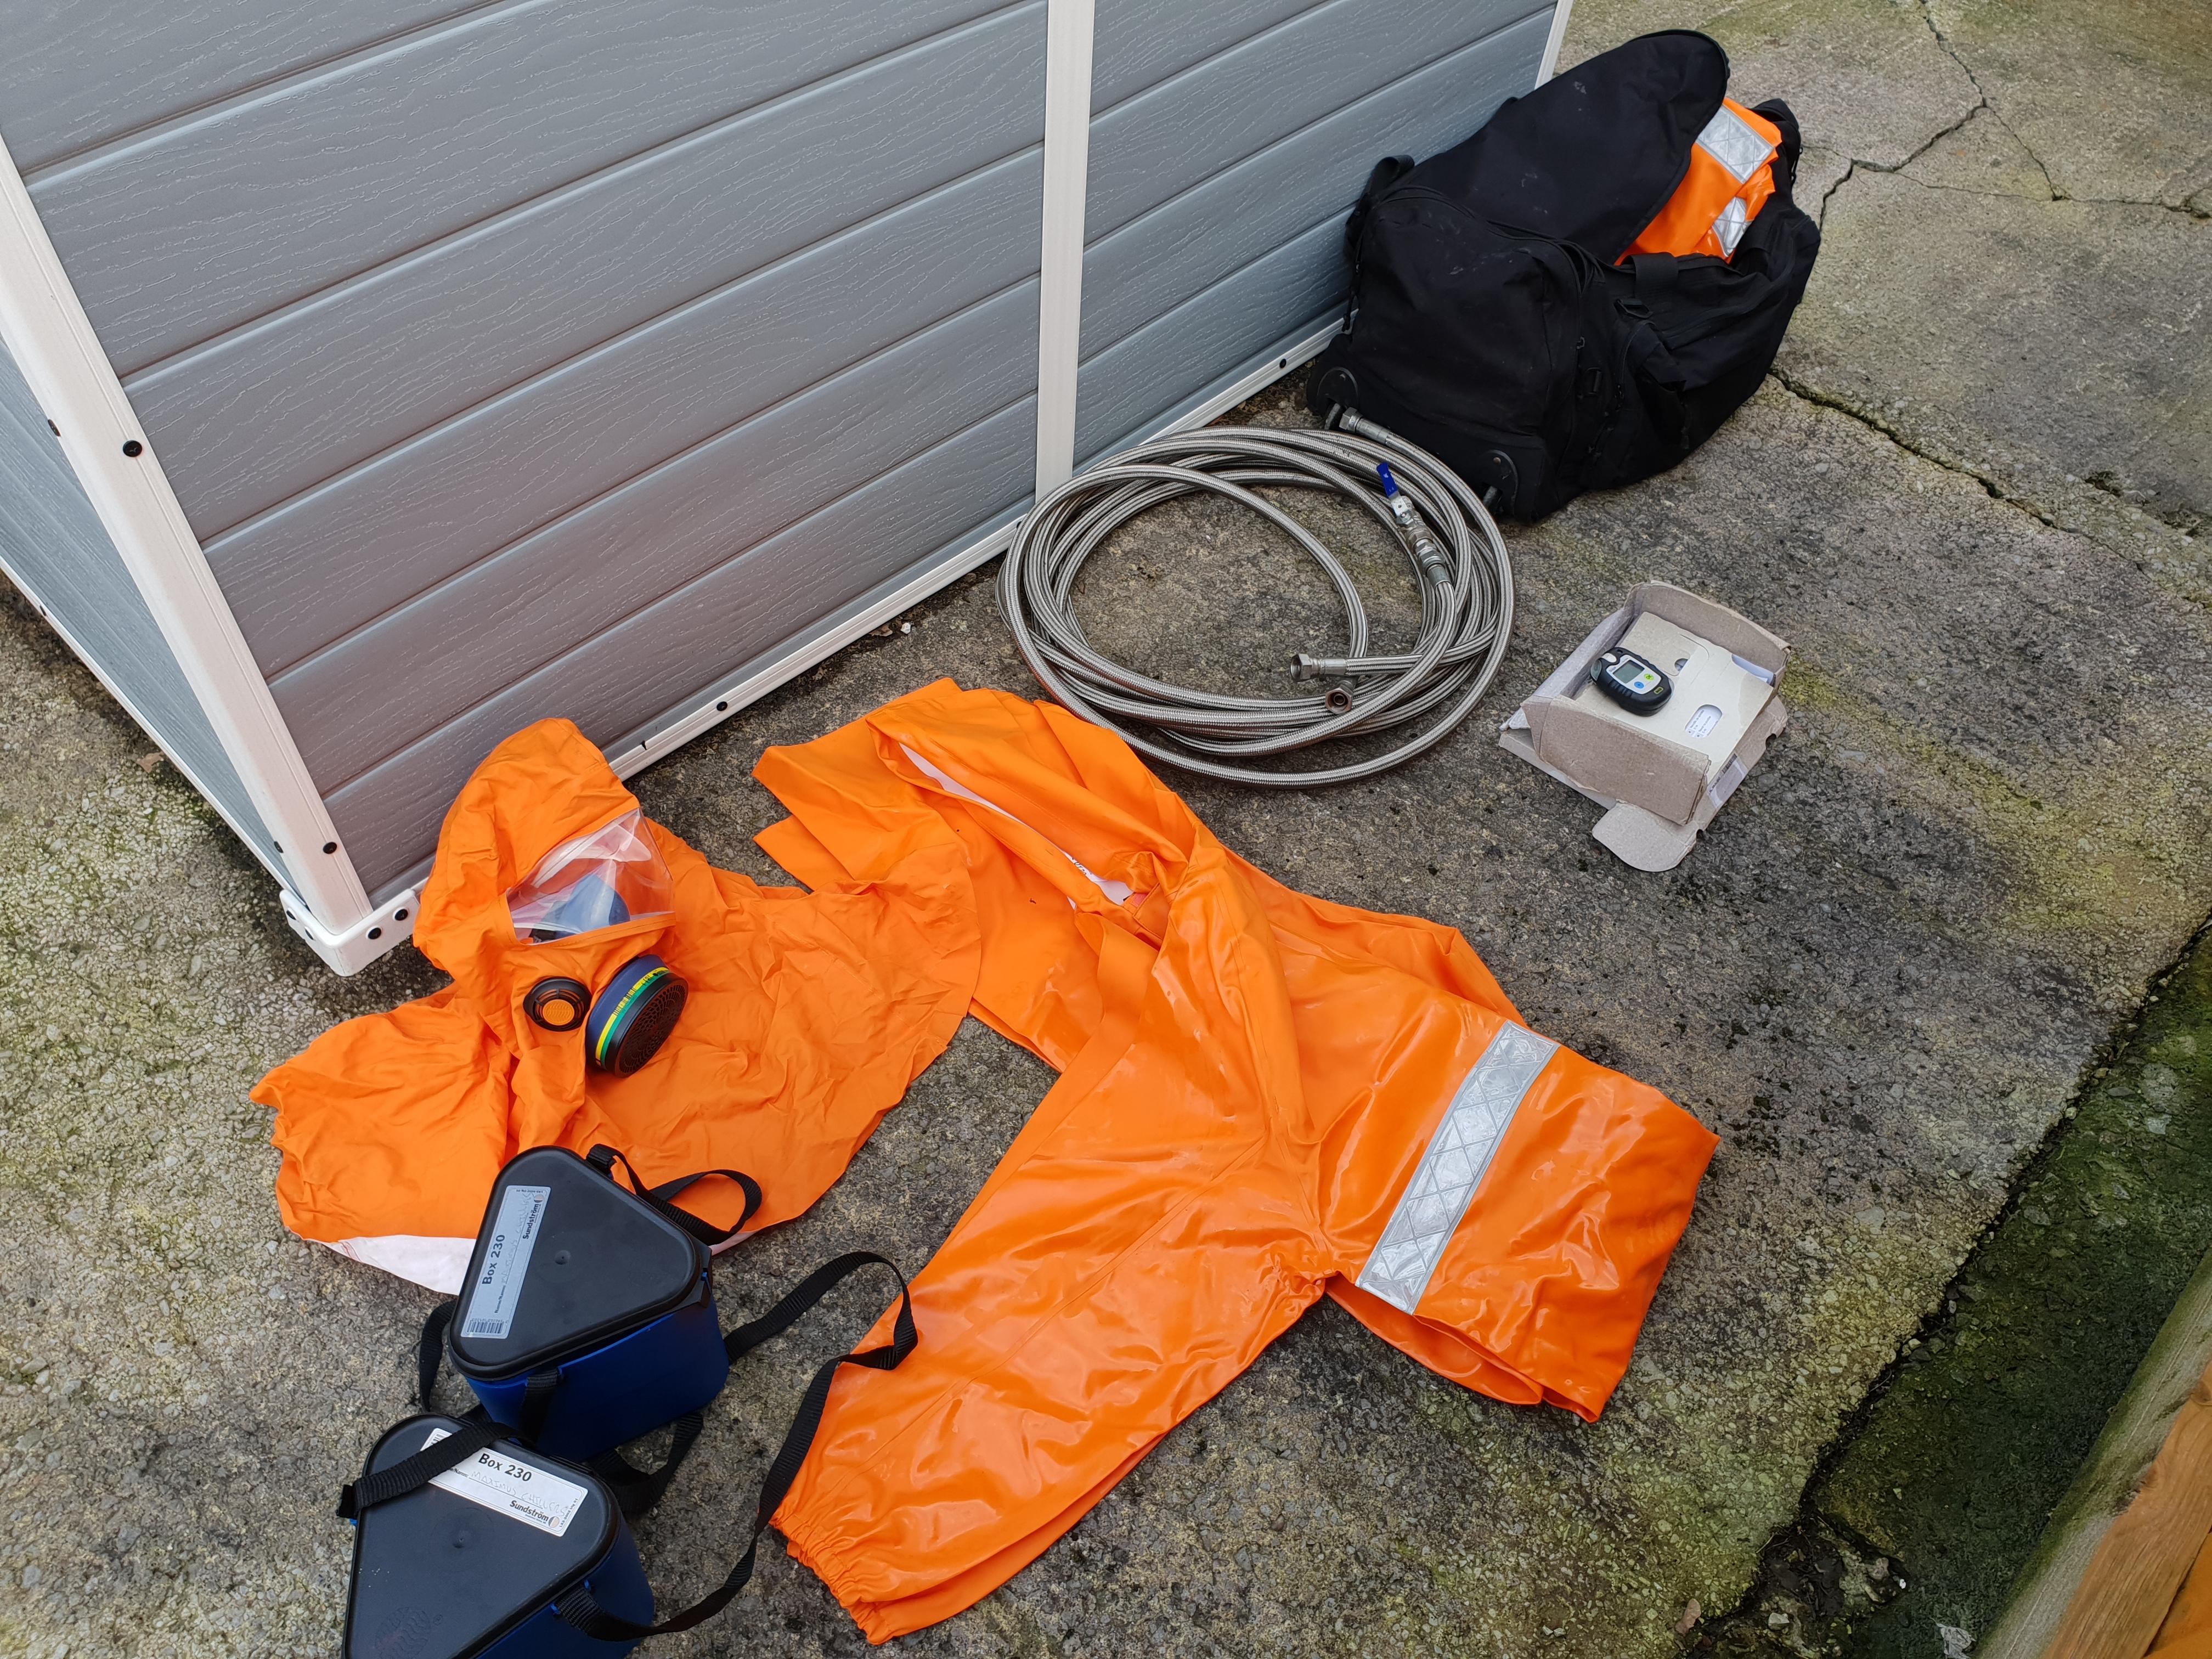 Traje químico naranja y manguera de carga para el mantenimiento, reparación y servicio de enfriadoras de amoníaco